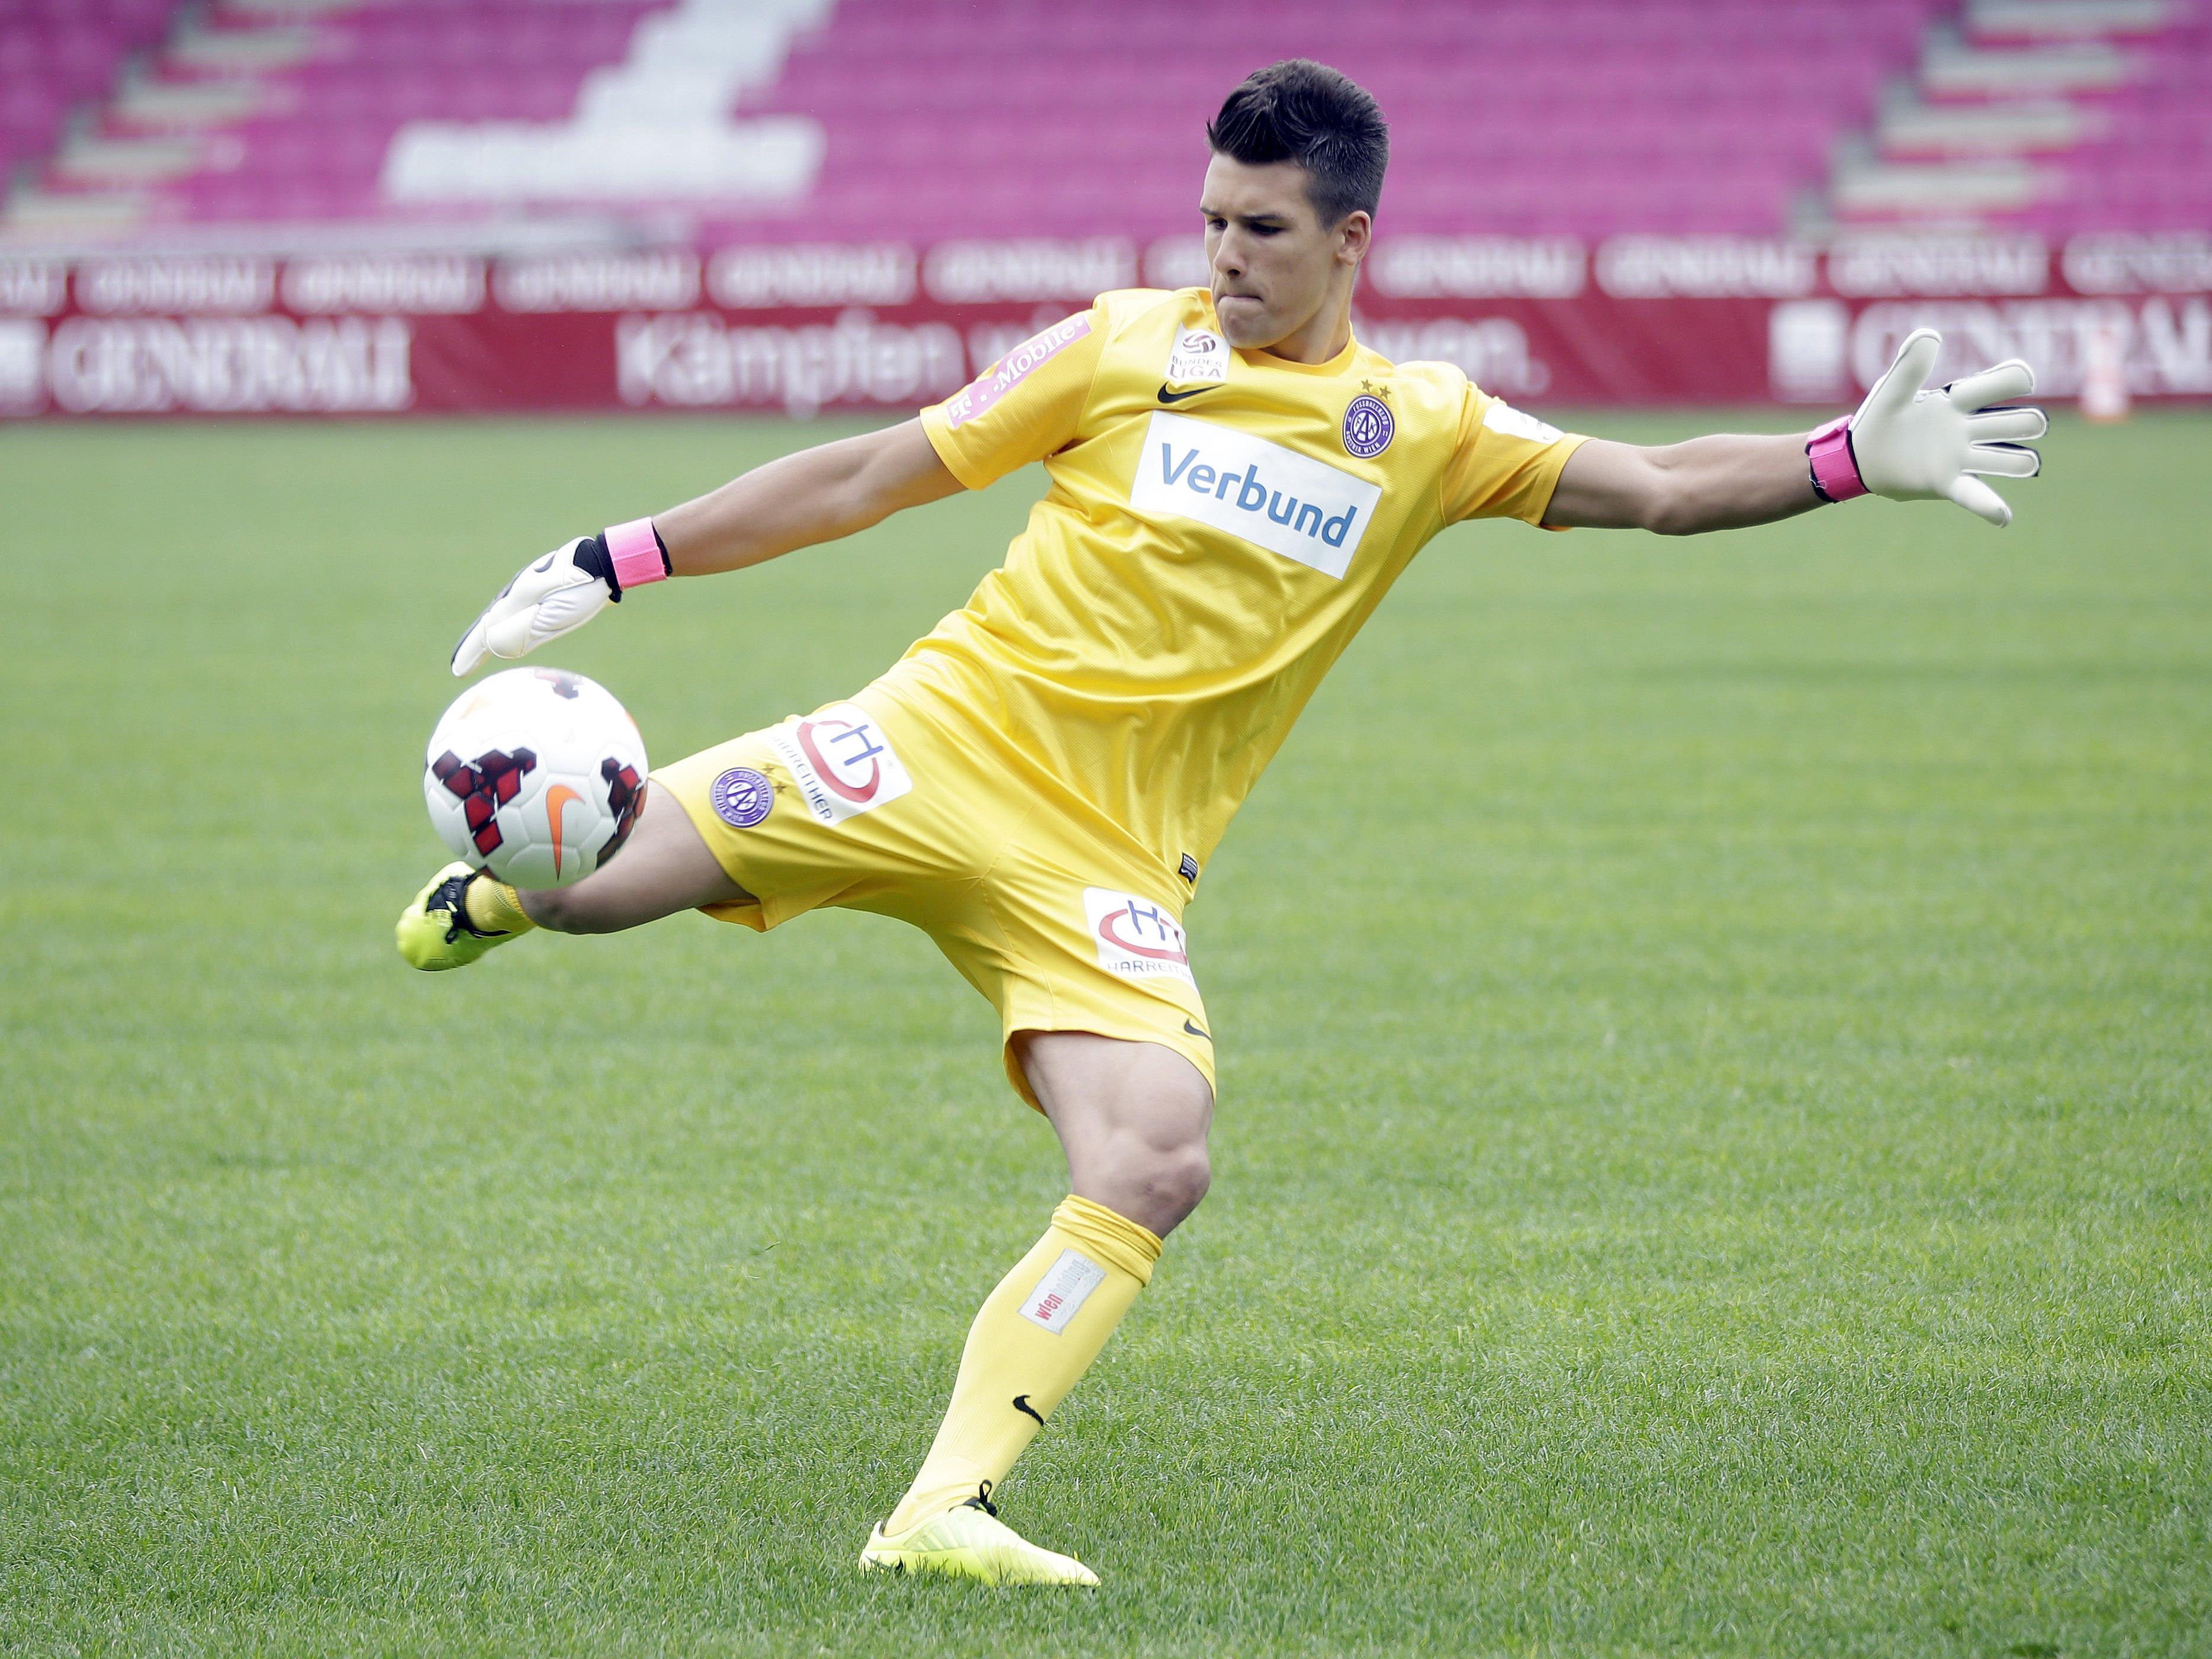 Osman Hadžikić ist für das Admira-Match am Samstag fraglich.